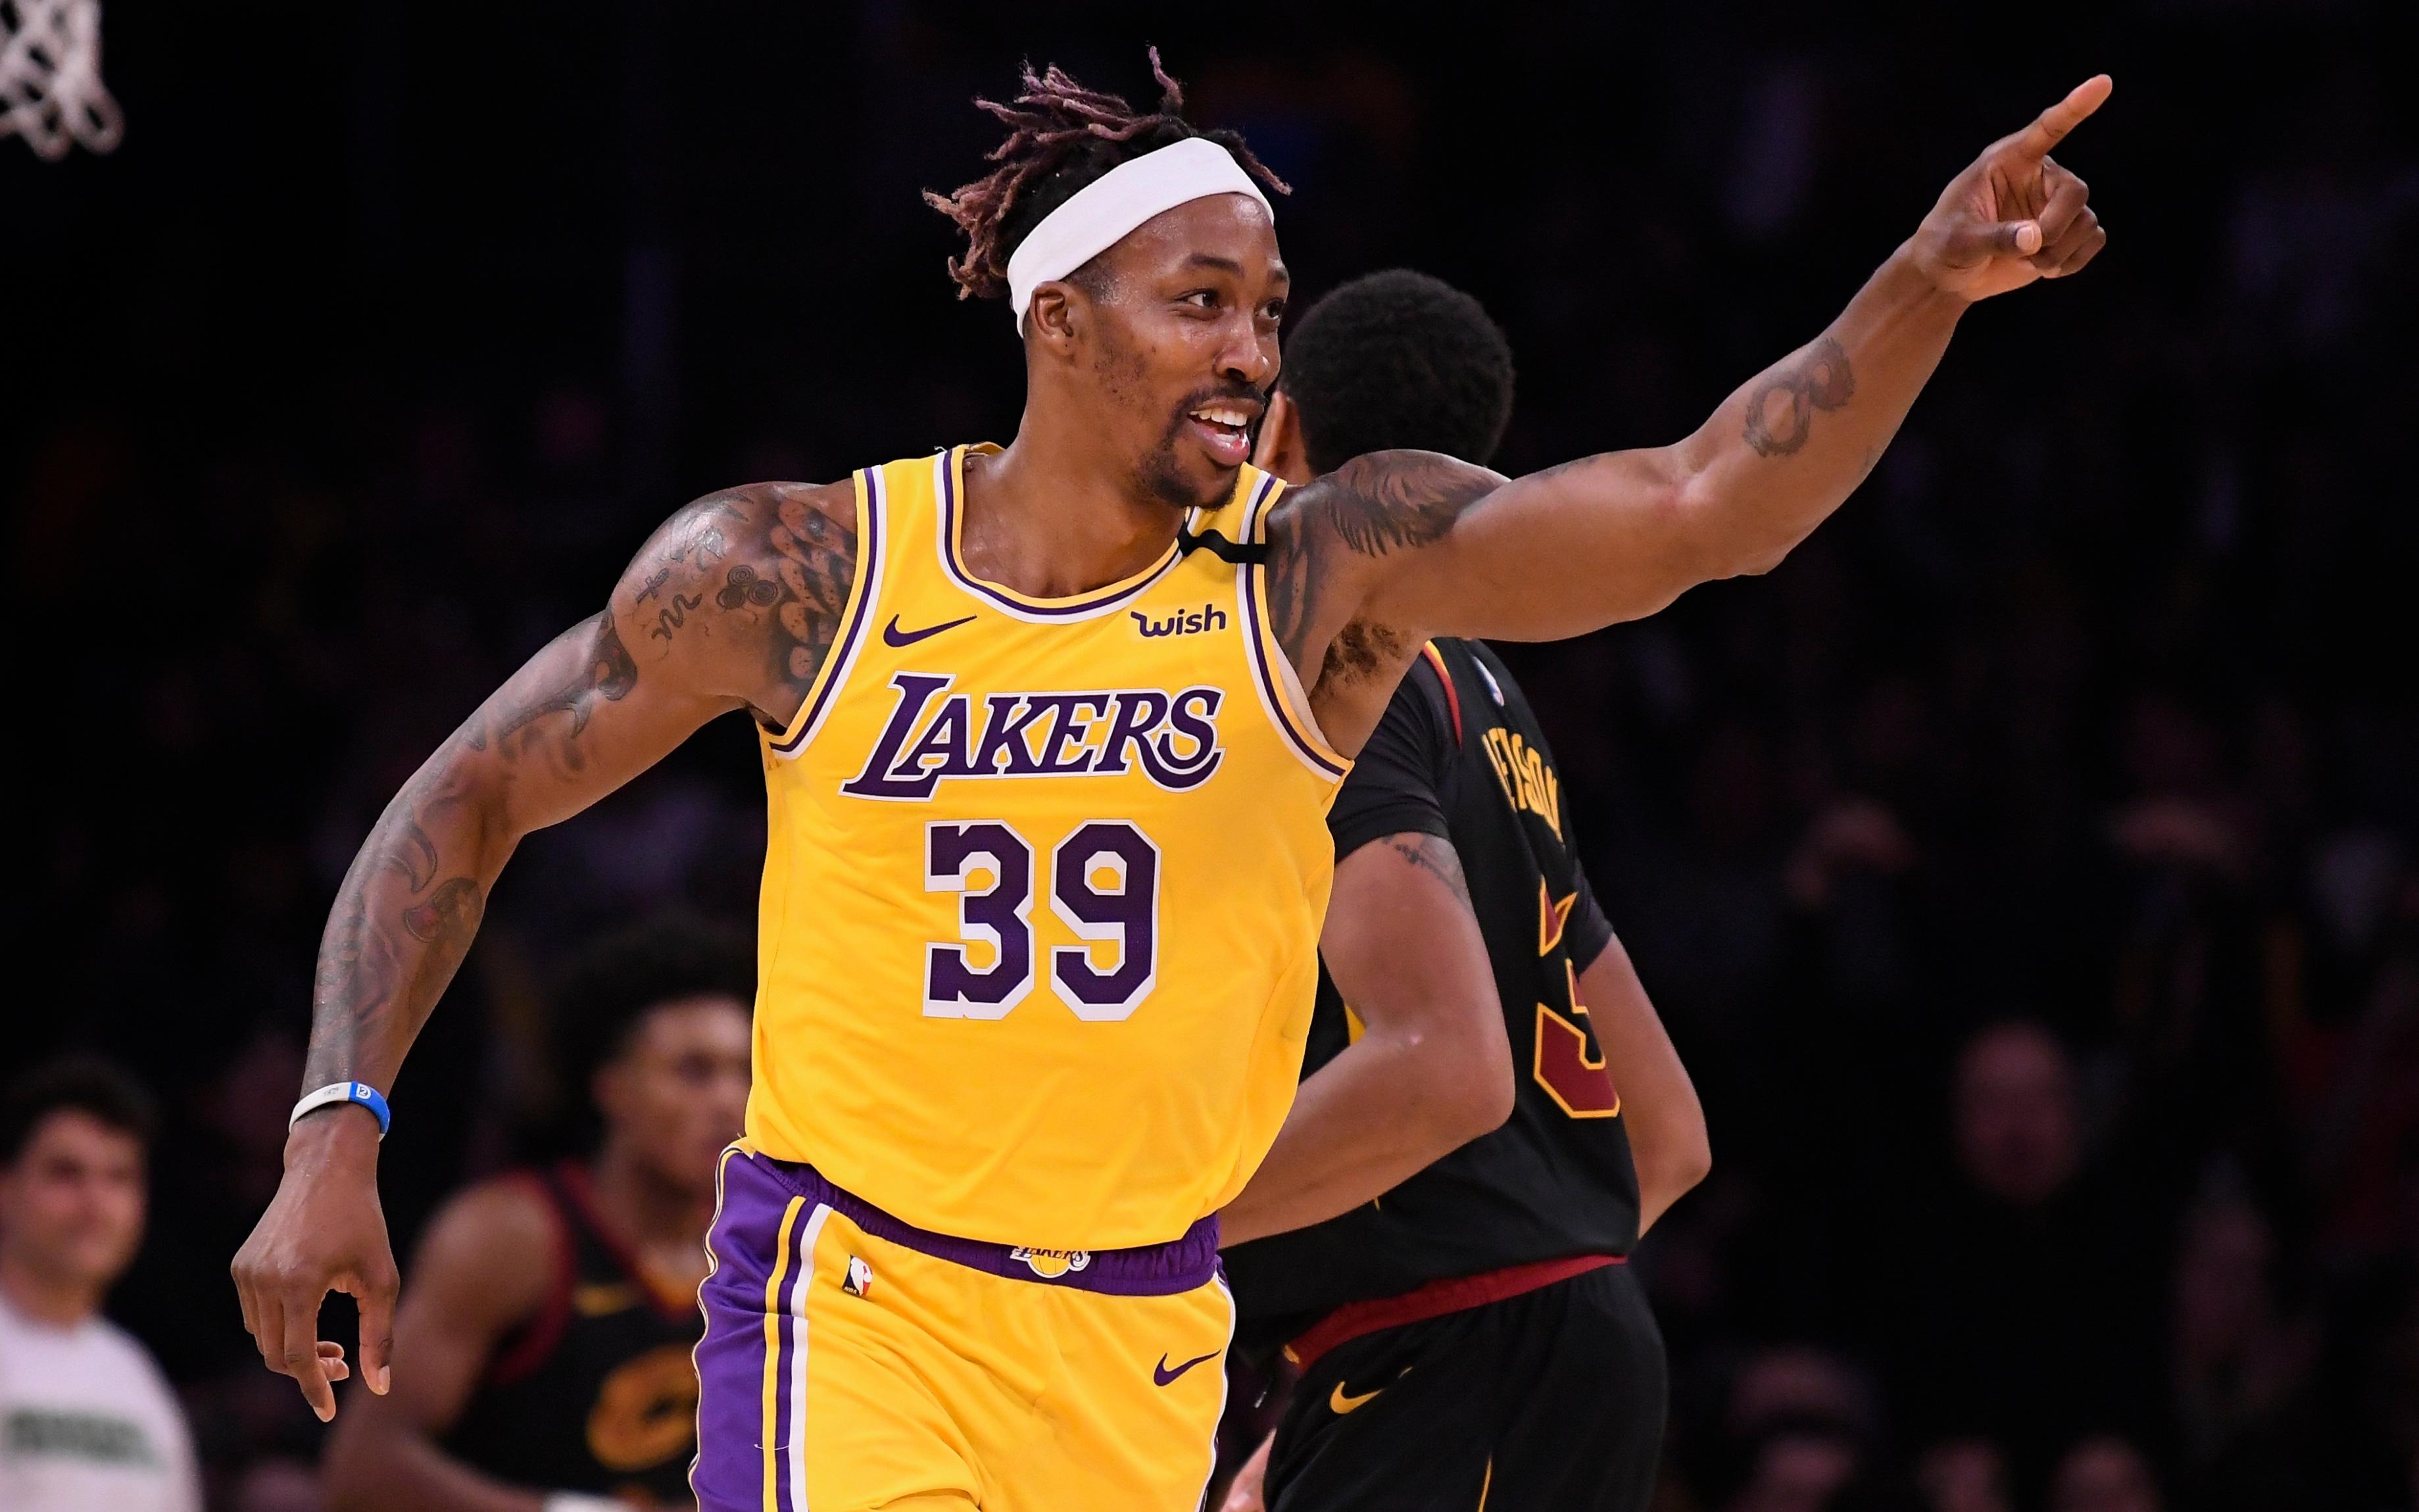 NHM Los Angeles Lakers thở phào nhẹ nhõm khi Dwight Howard xác nhận sẽ thi đấu tại Disney World